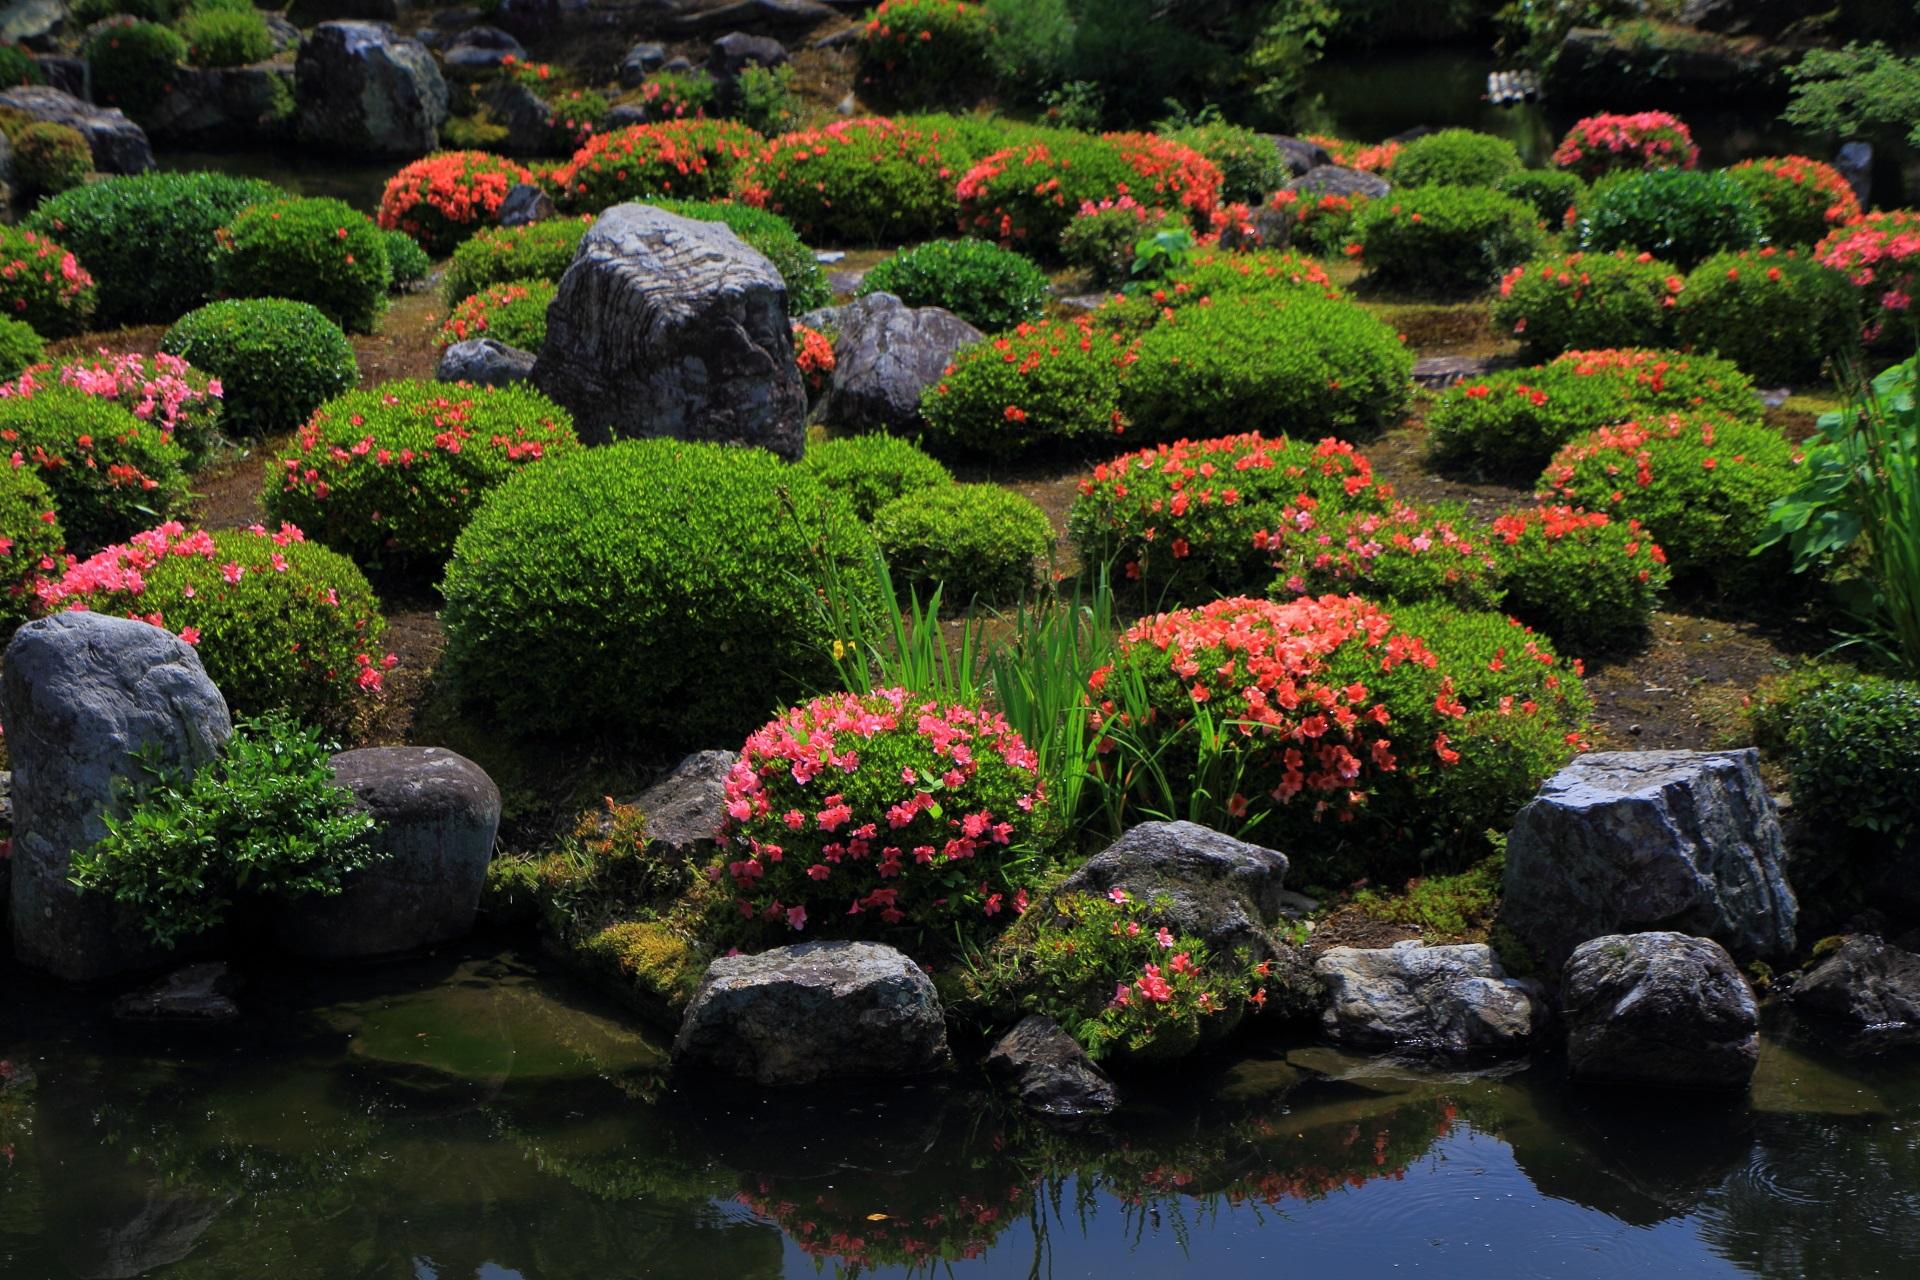 芙蓉池の真ん中の島の「蓬莱島」のサツキや岩